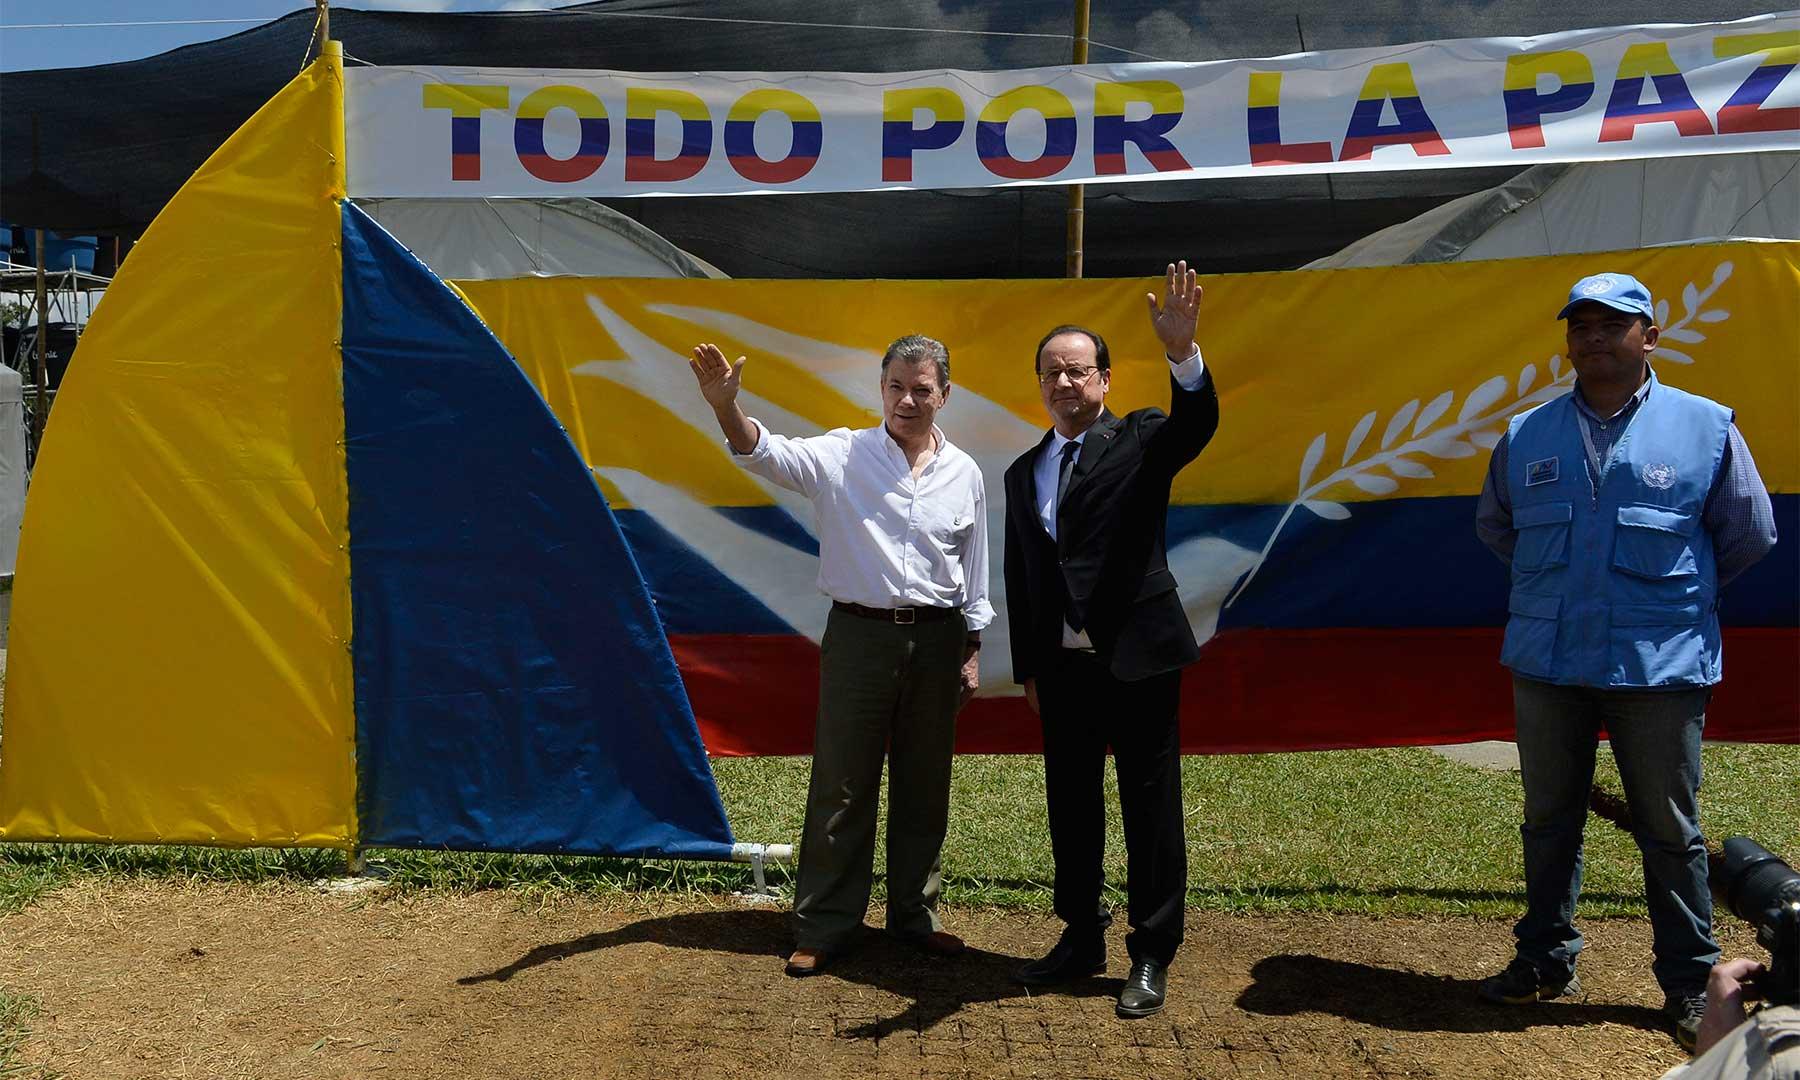 Los Presidentes de Colombia y Francia, Juan Manuel Santos y François Hollande, saludan al público que los acompaña en desarrollo de la visita que realizan a una de las Zonas Veredales Transitorias de Normalización. (Crédito: Juan David Tena / SIG / Presidencia de Colombia).